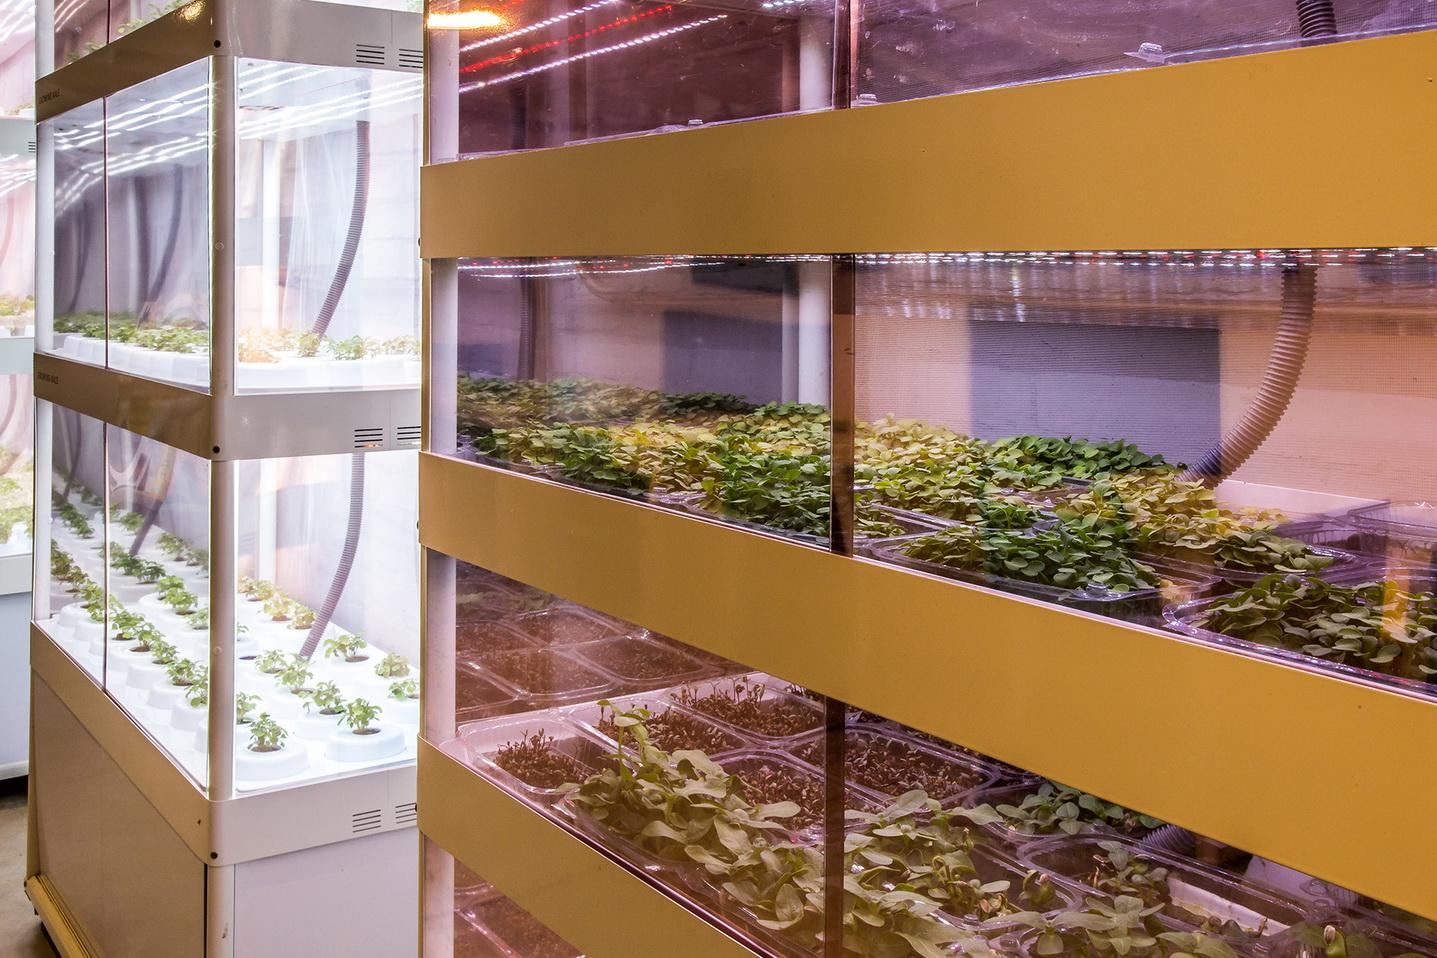 Módulos estufa de cultivo foto: Emmanuel Denauí